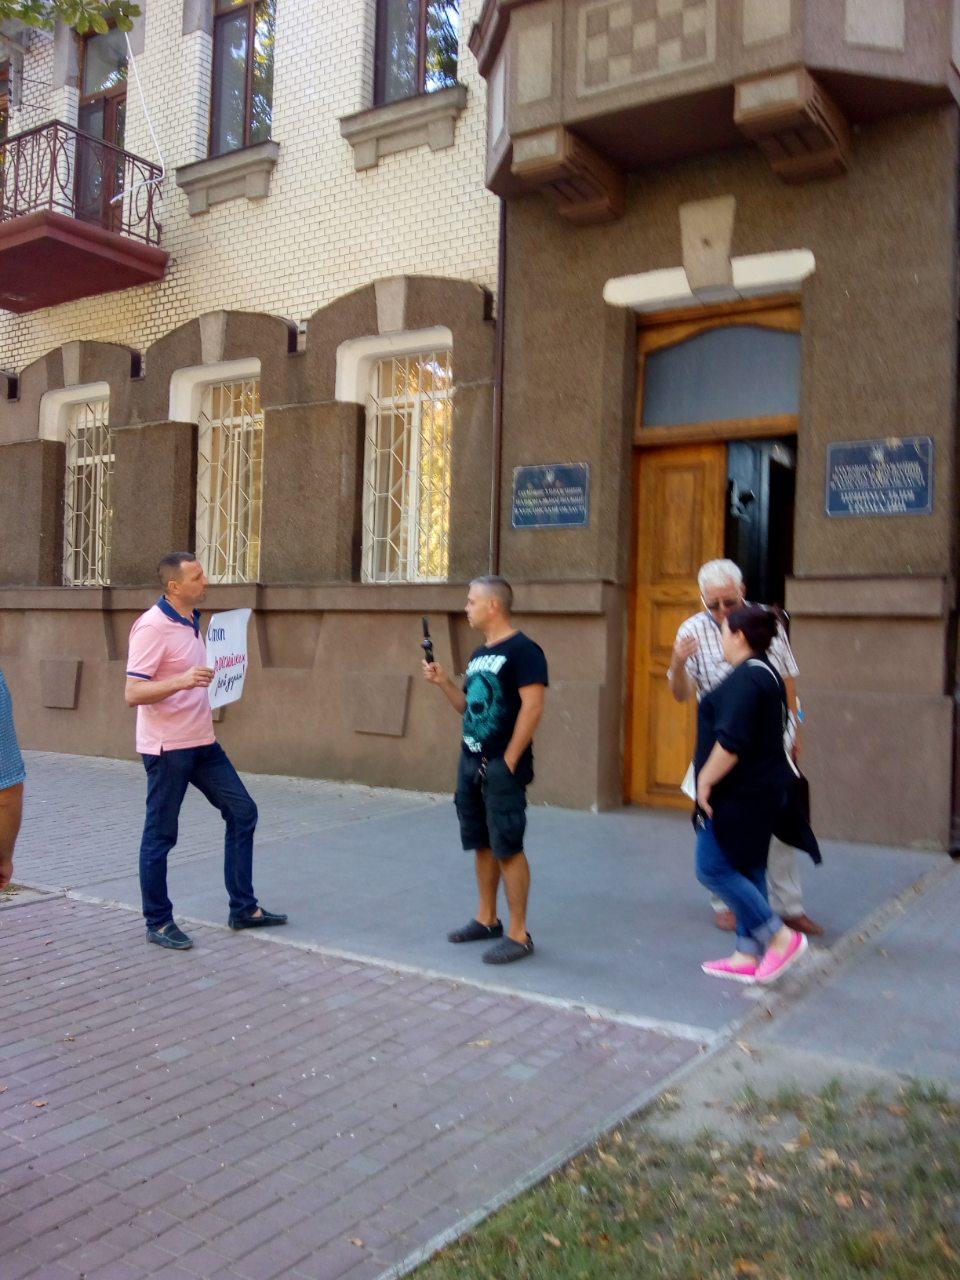 В Херсоне главный офис полиции пикетируют несколько человек